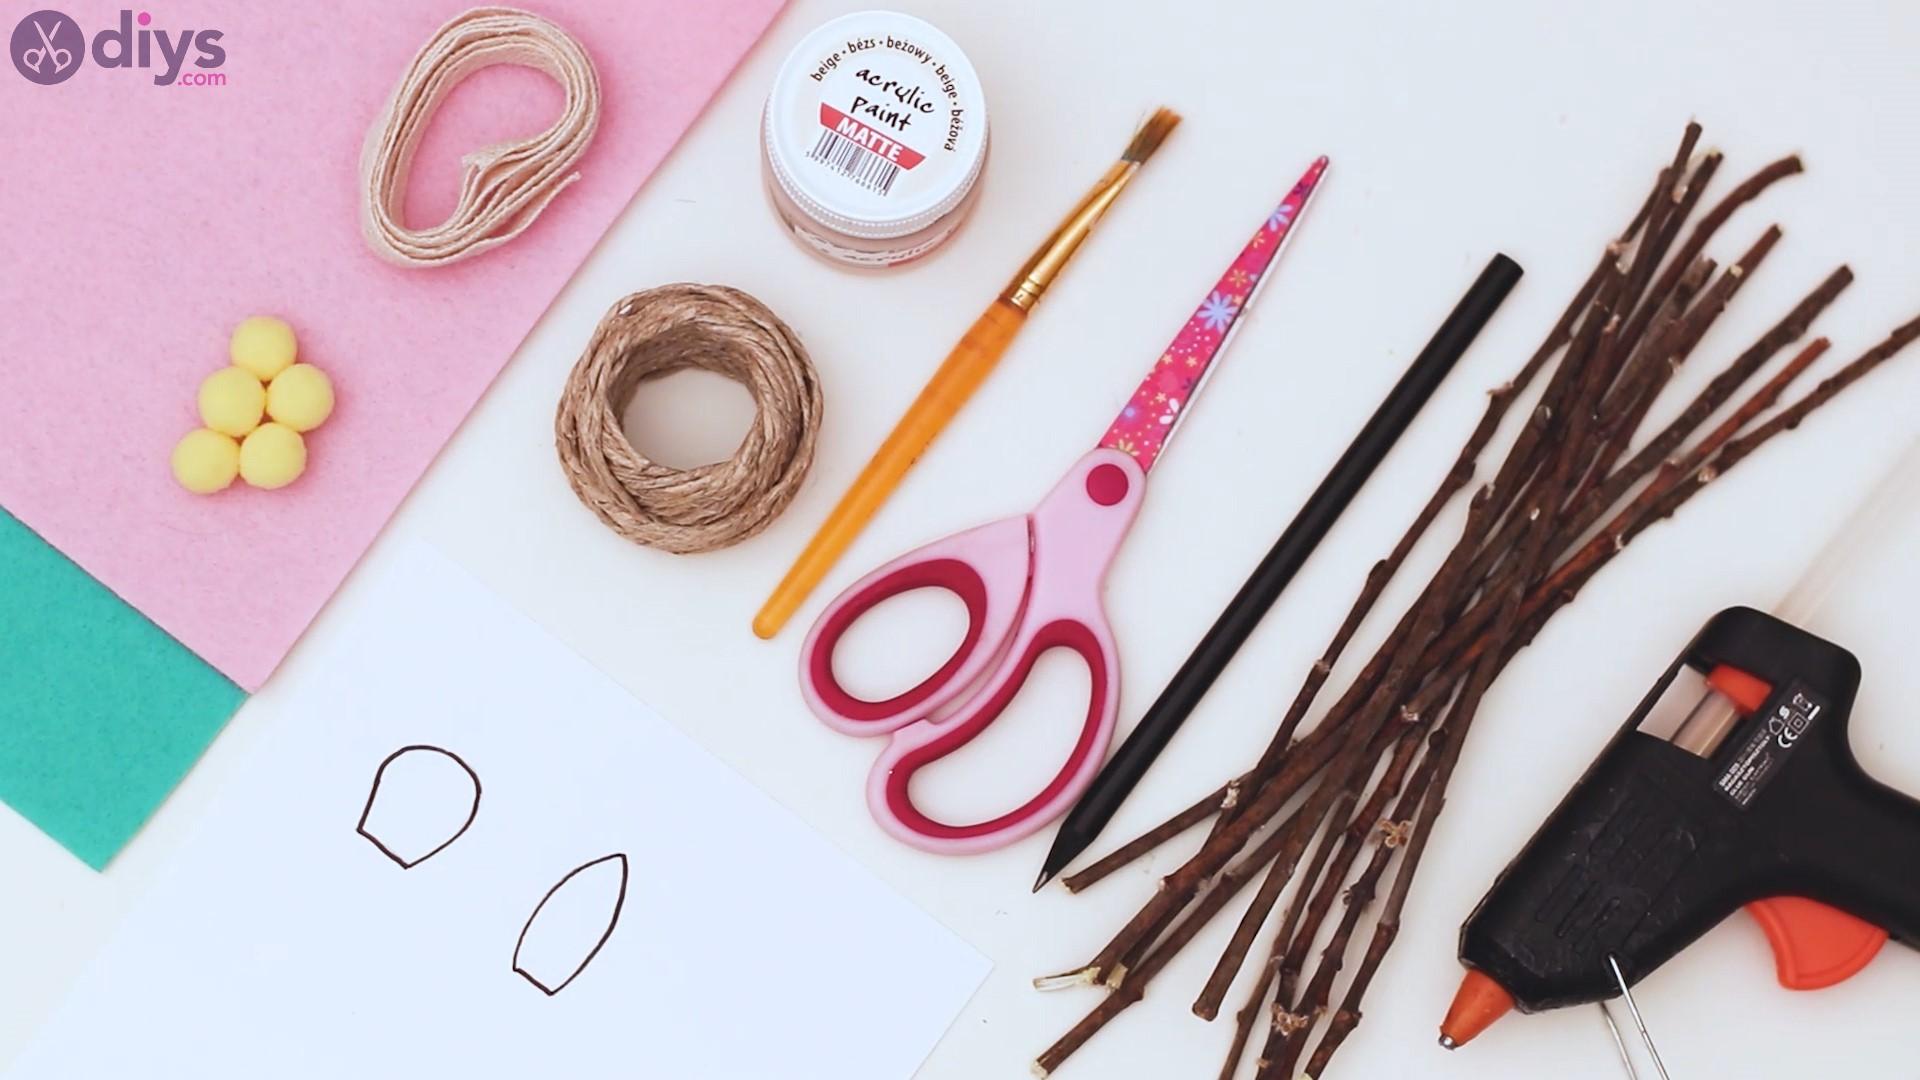 Twig monogram materials